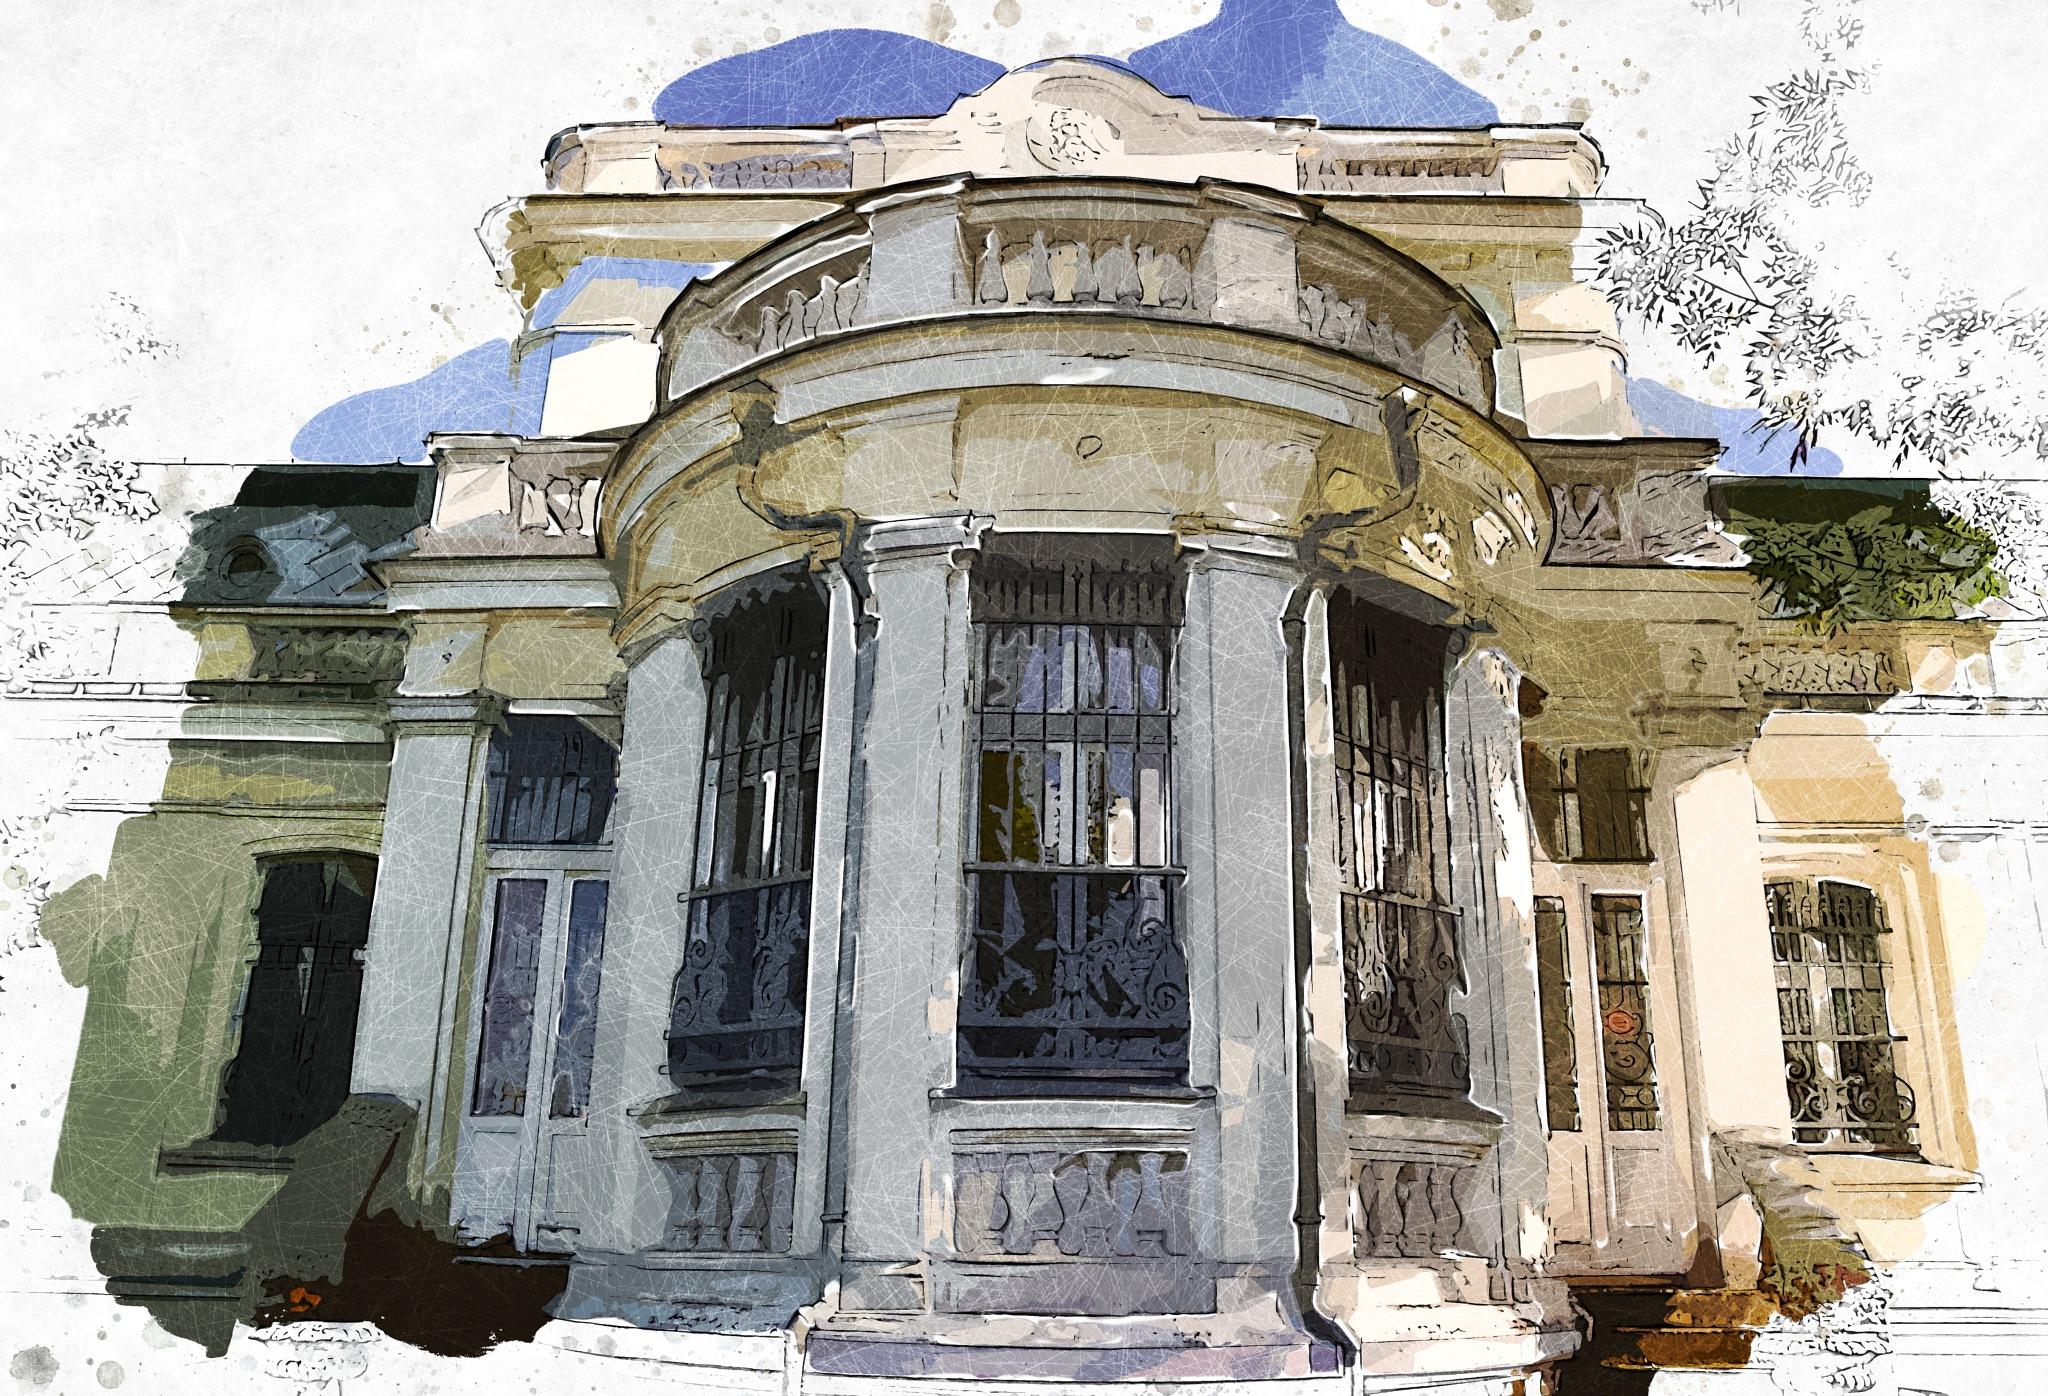 Library by Brigitte Werner